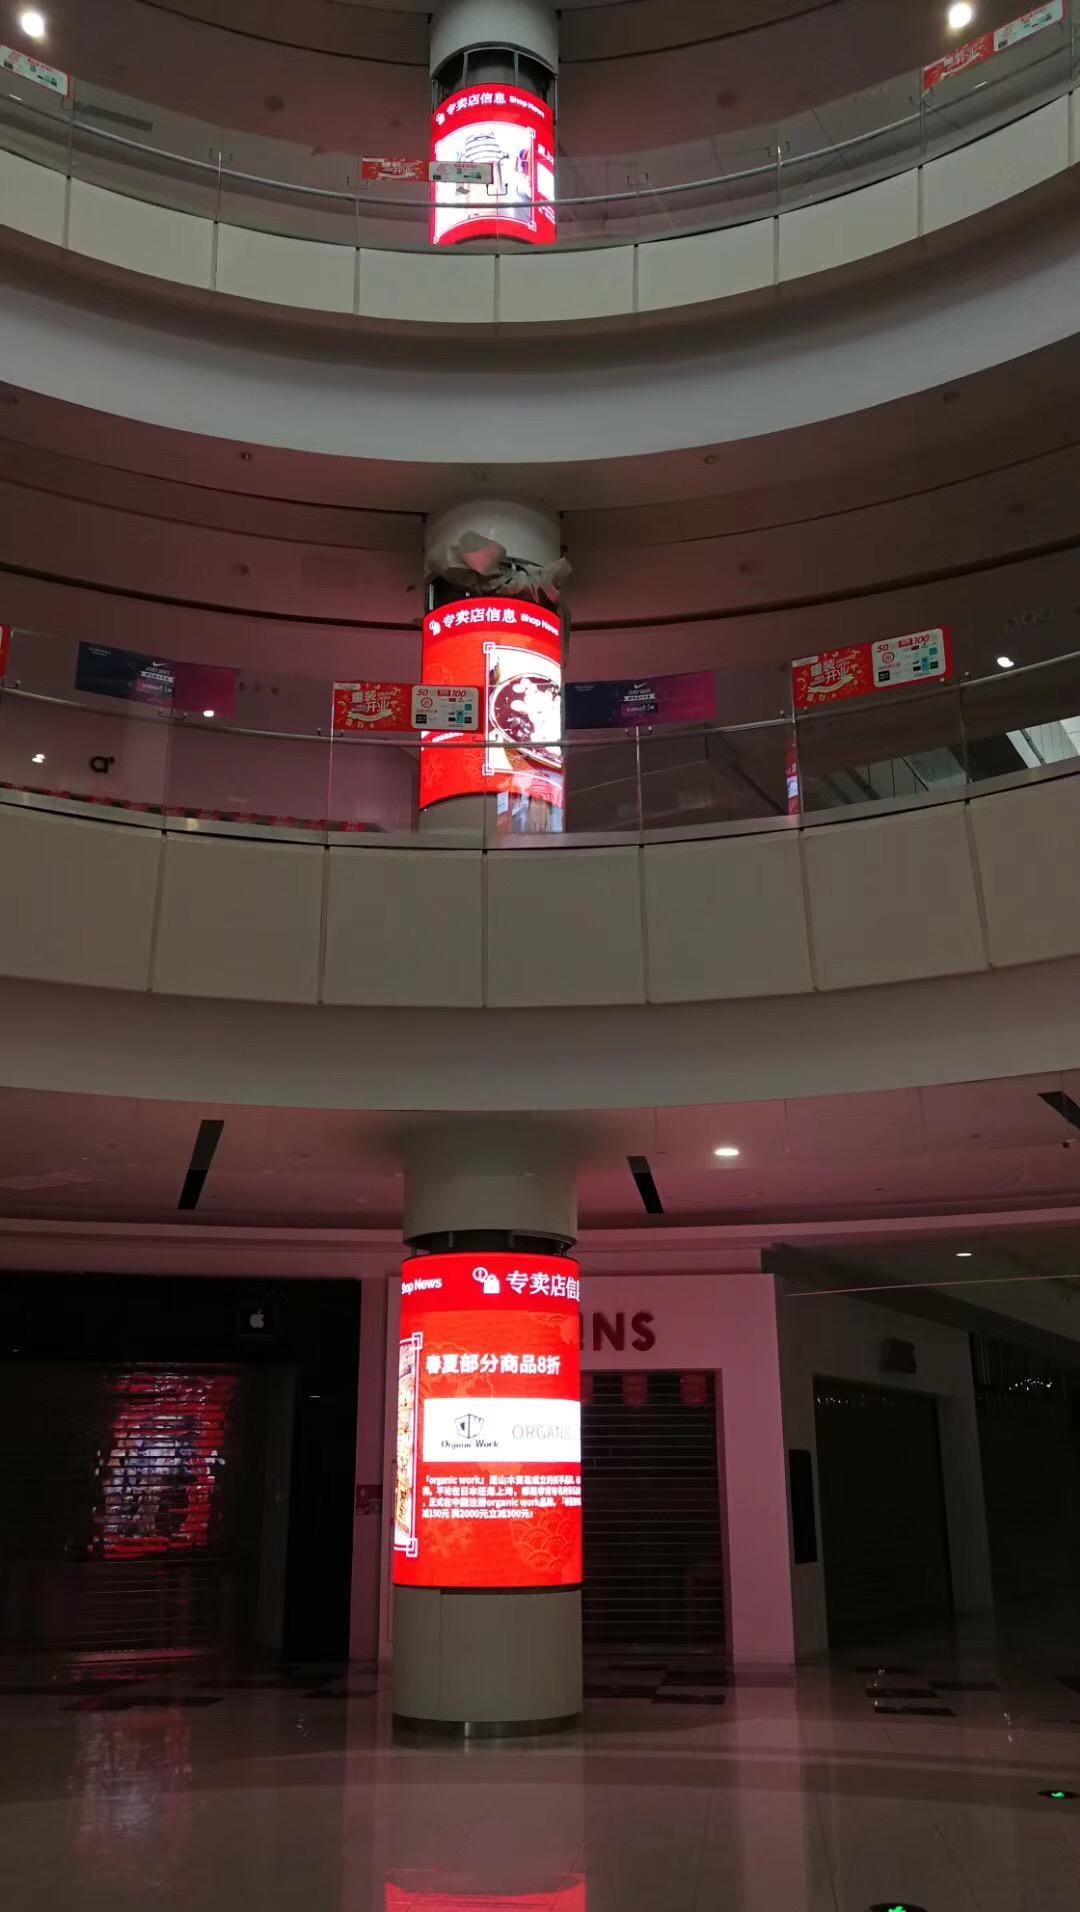 圆柱形LED显示屏案例